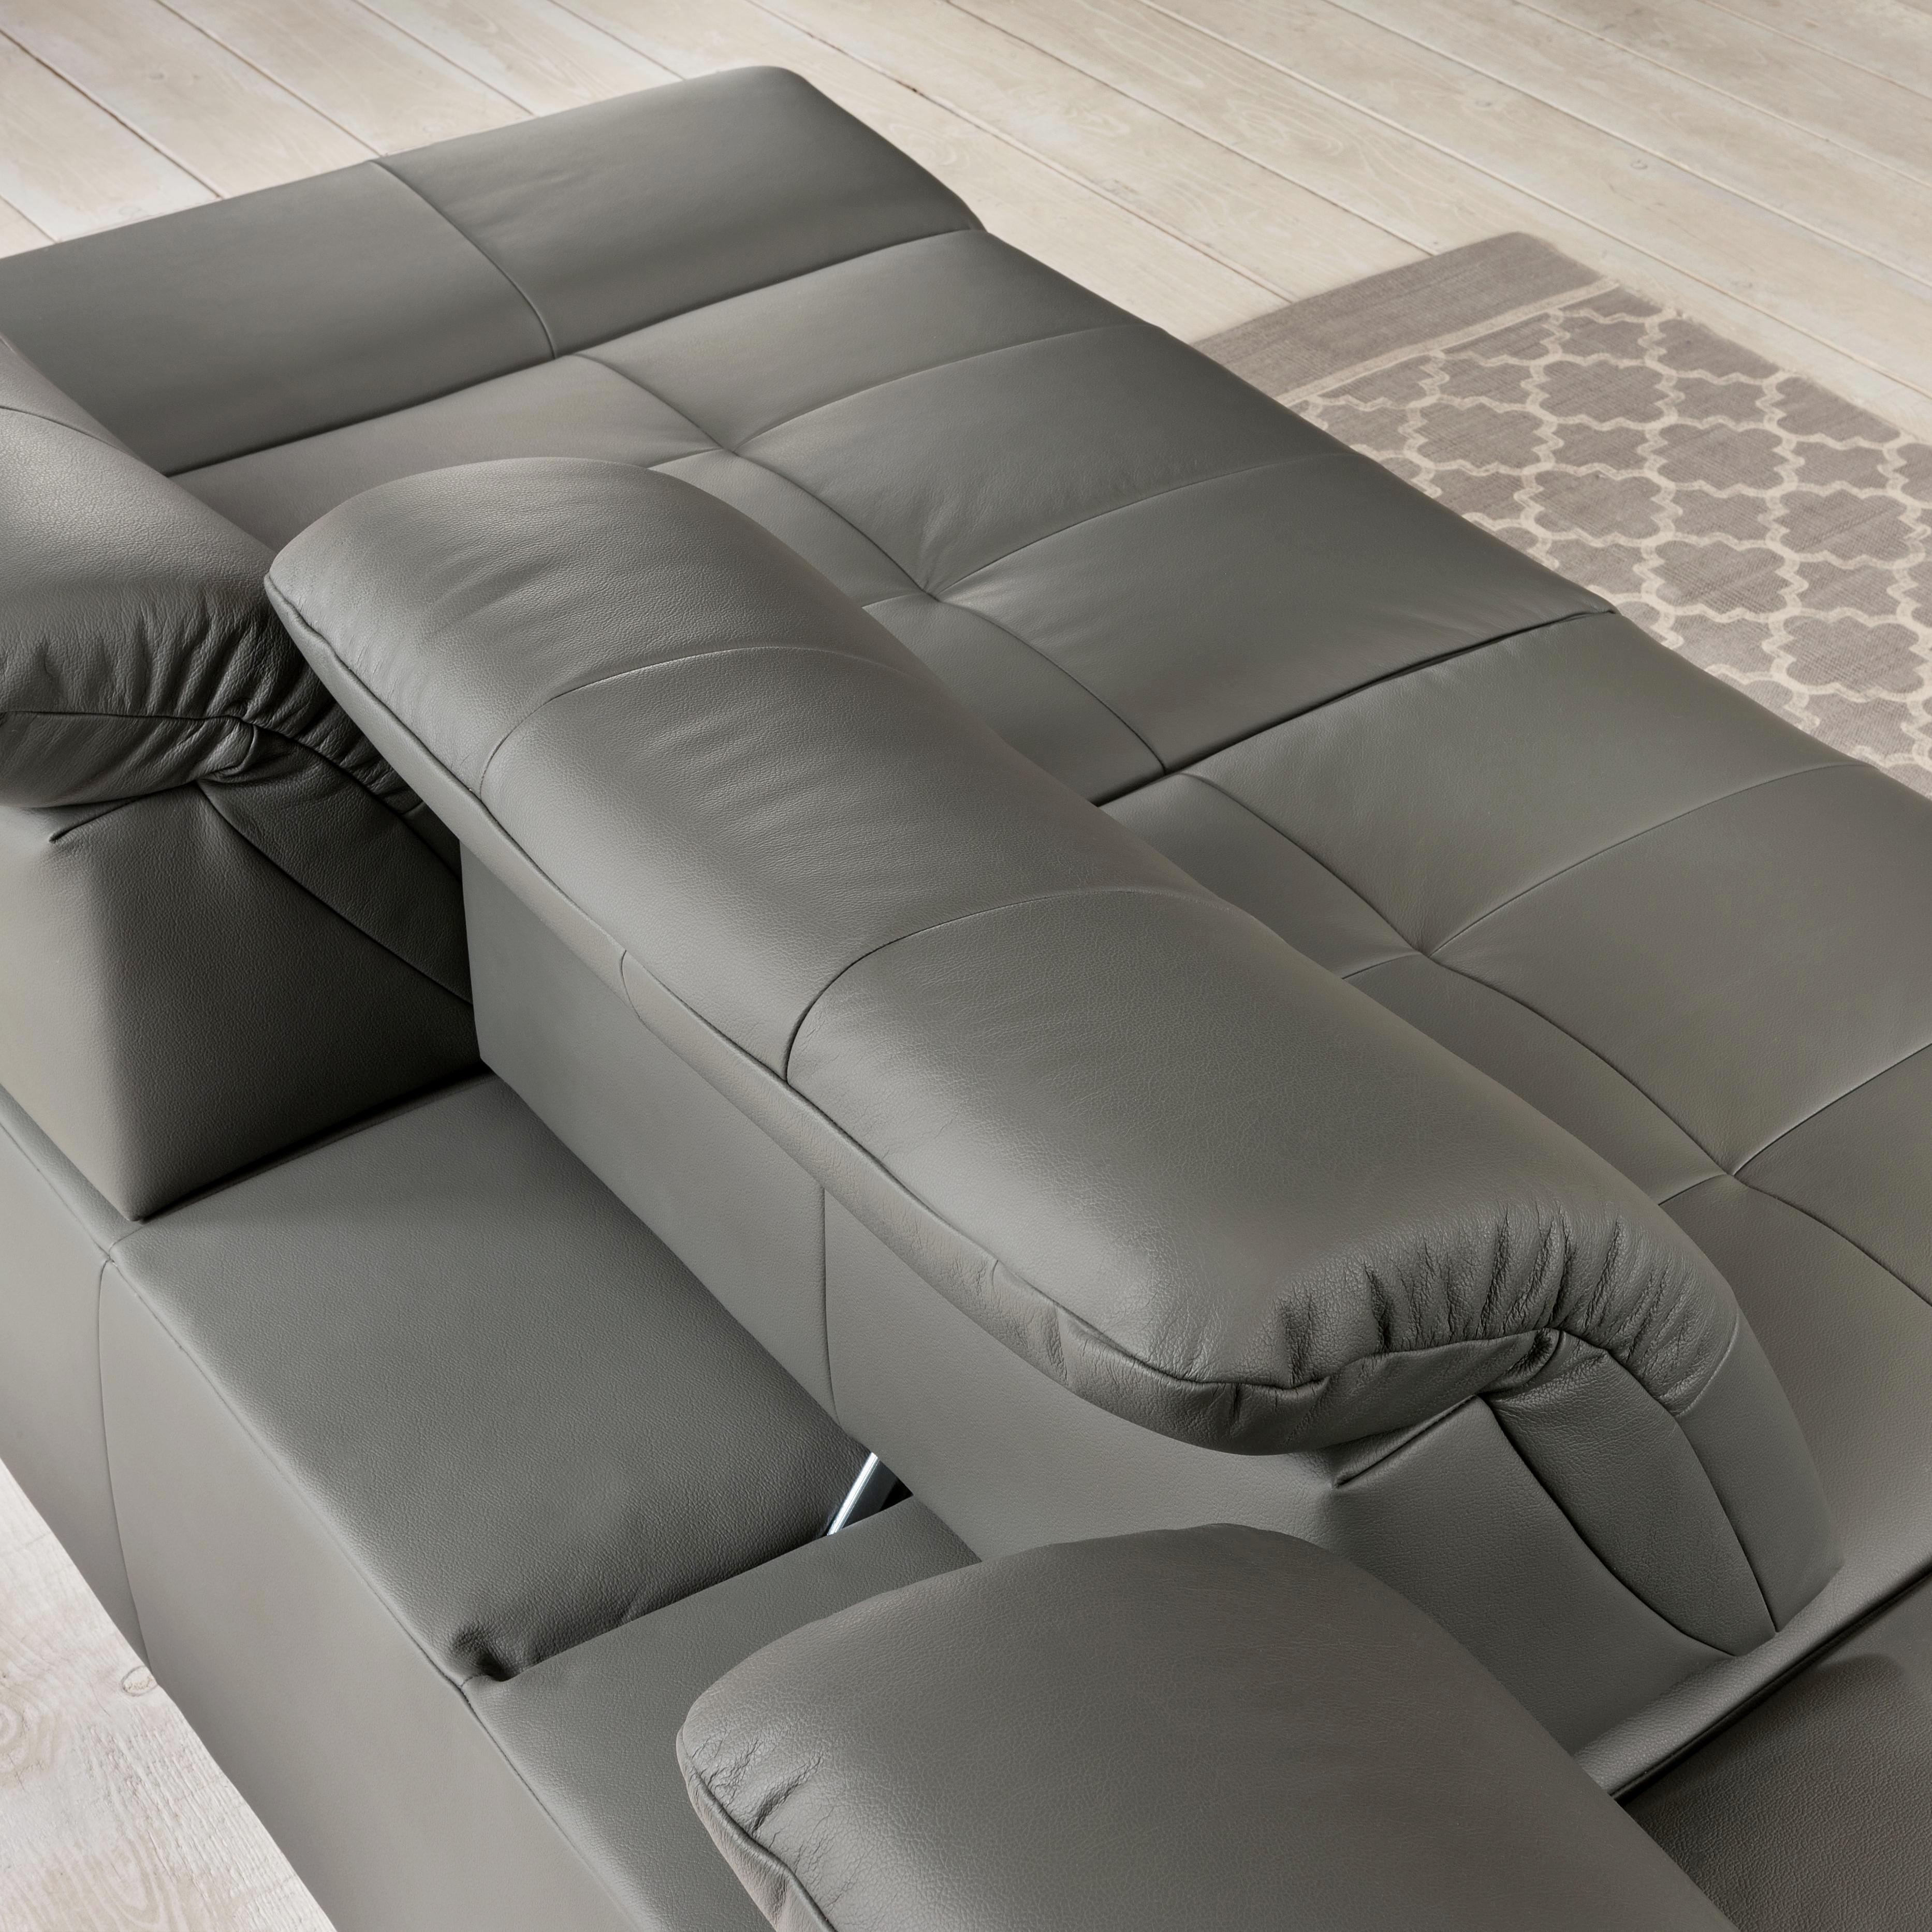 WOHNLANDSCHAFT Flachgewebe Rücken echt, Sitztiefenverstellung - Chromfarben/Anthrazit, Design, Textil (290/198cm) - XORA